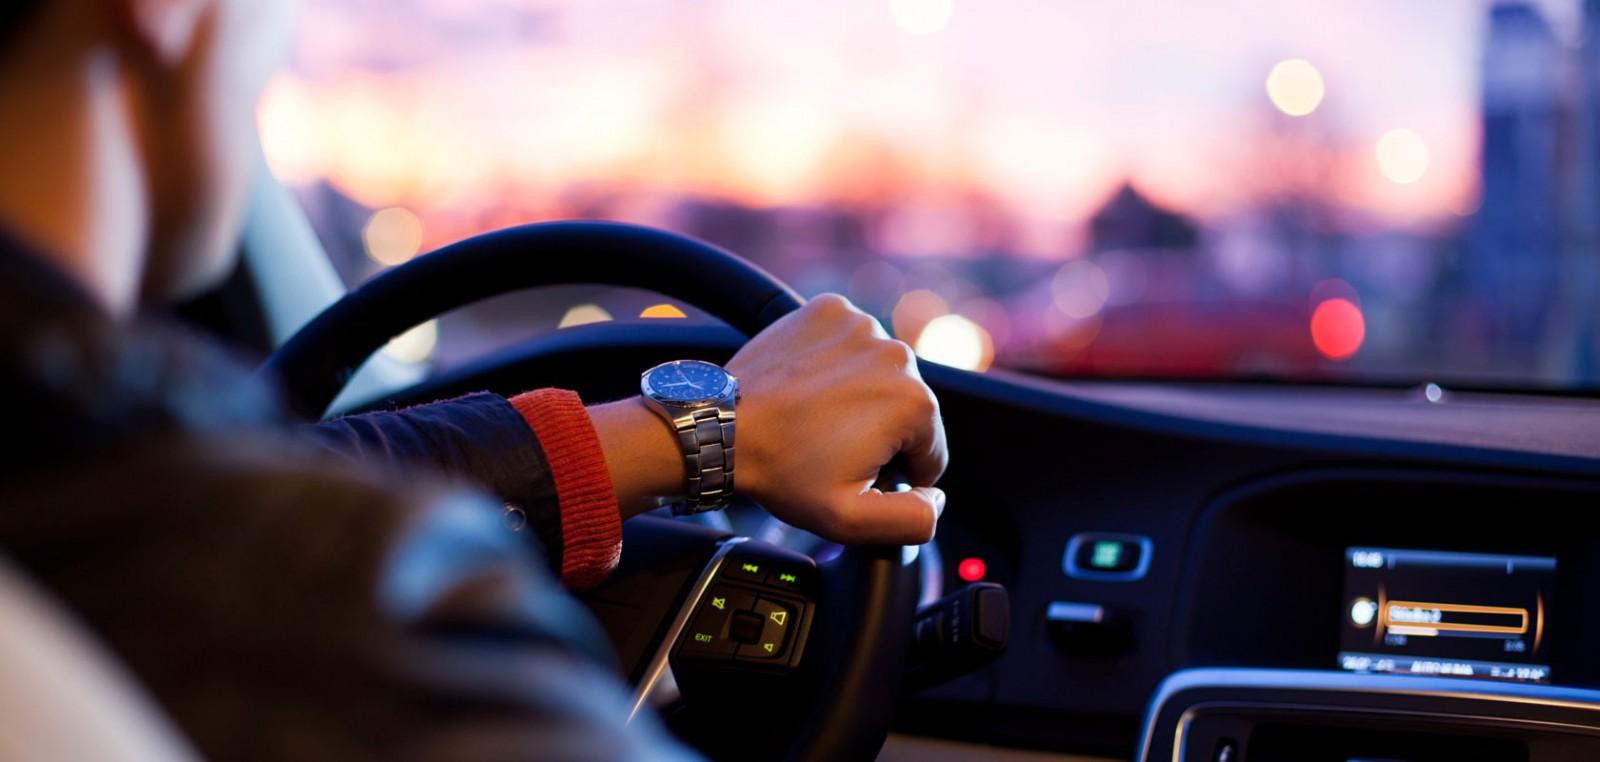 (foto) 15 gadgeturi utile de care ar avea nevoie orice automobilist modern